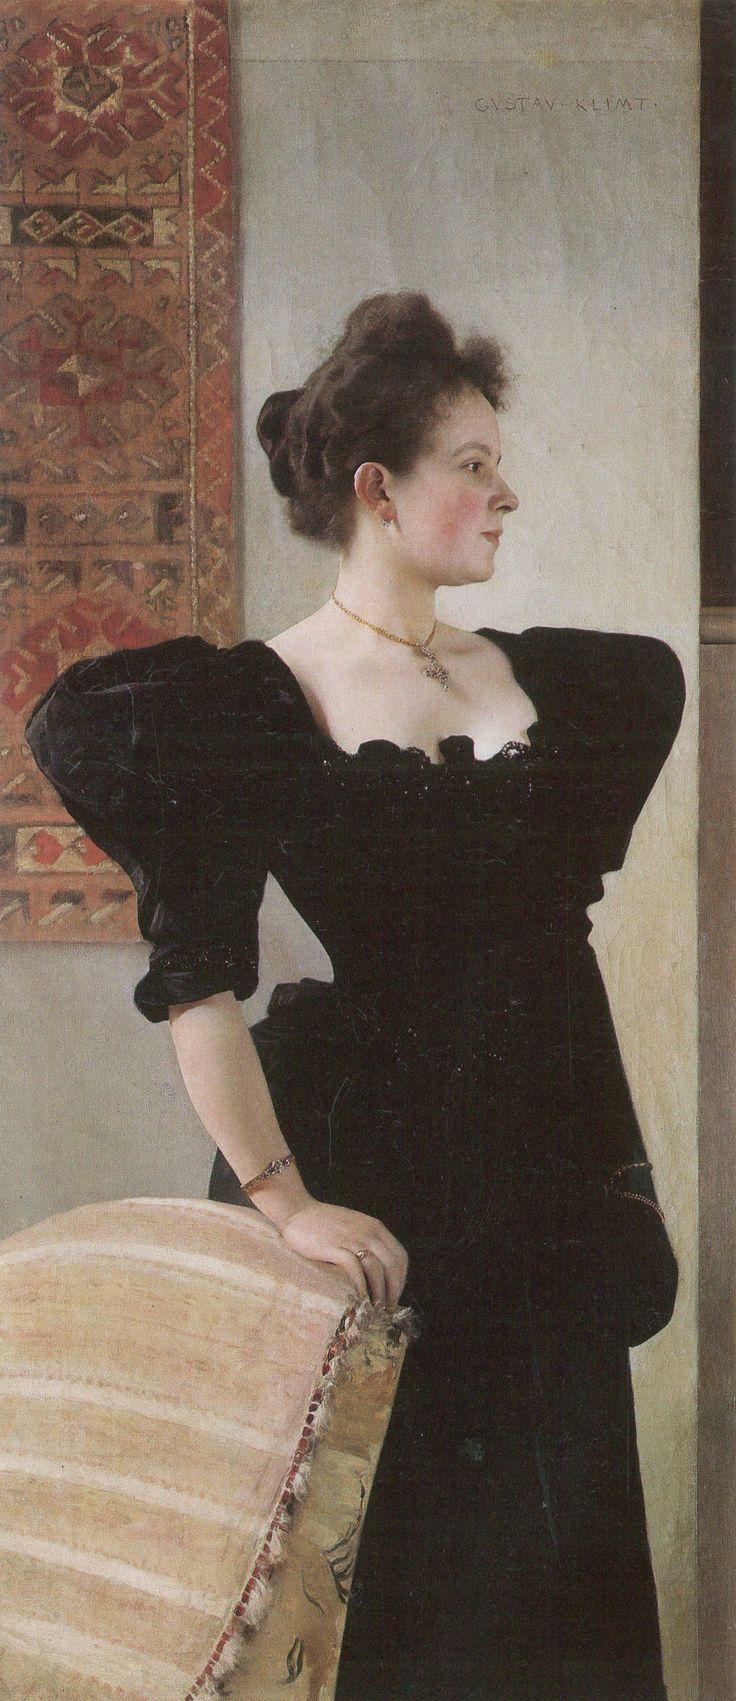 The dress agency horncastle - Marie Breunig By Gustav Klimt